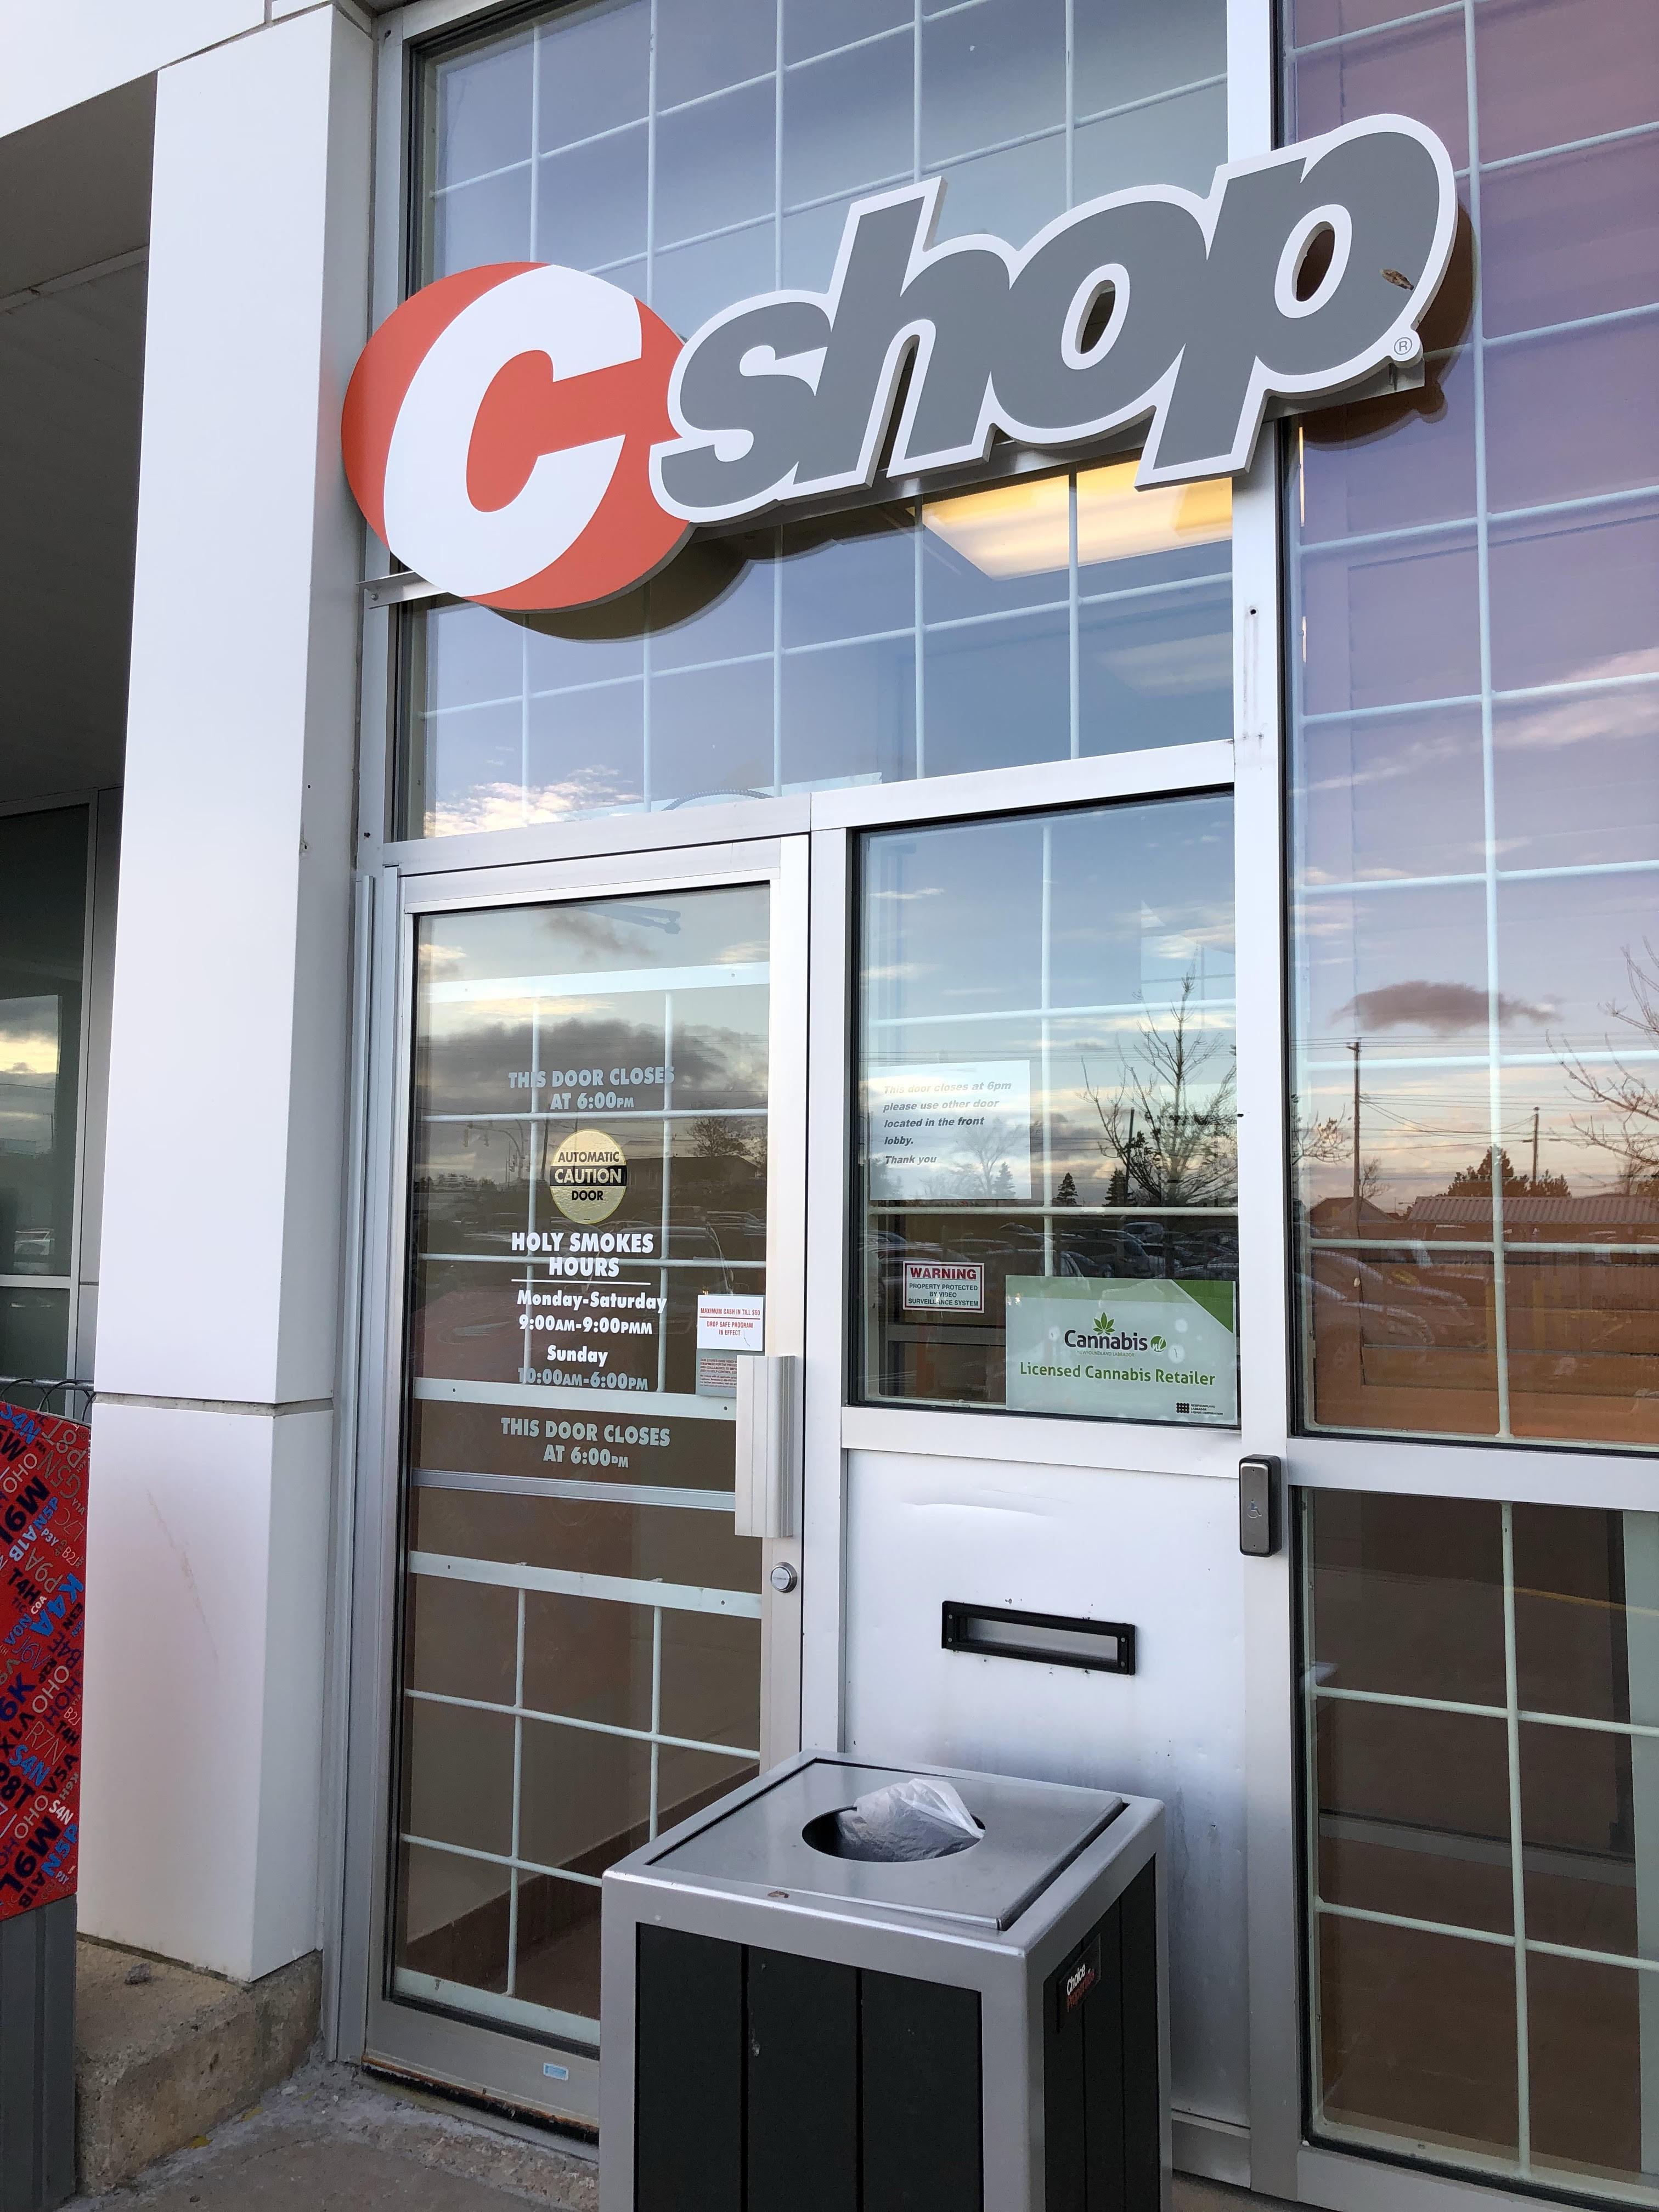 C-stop loblaw store